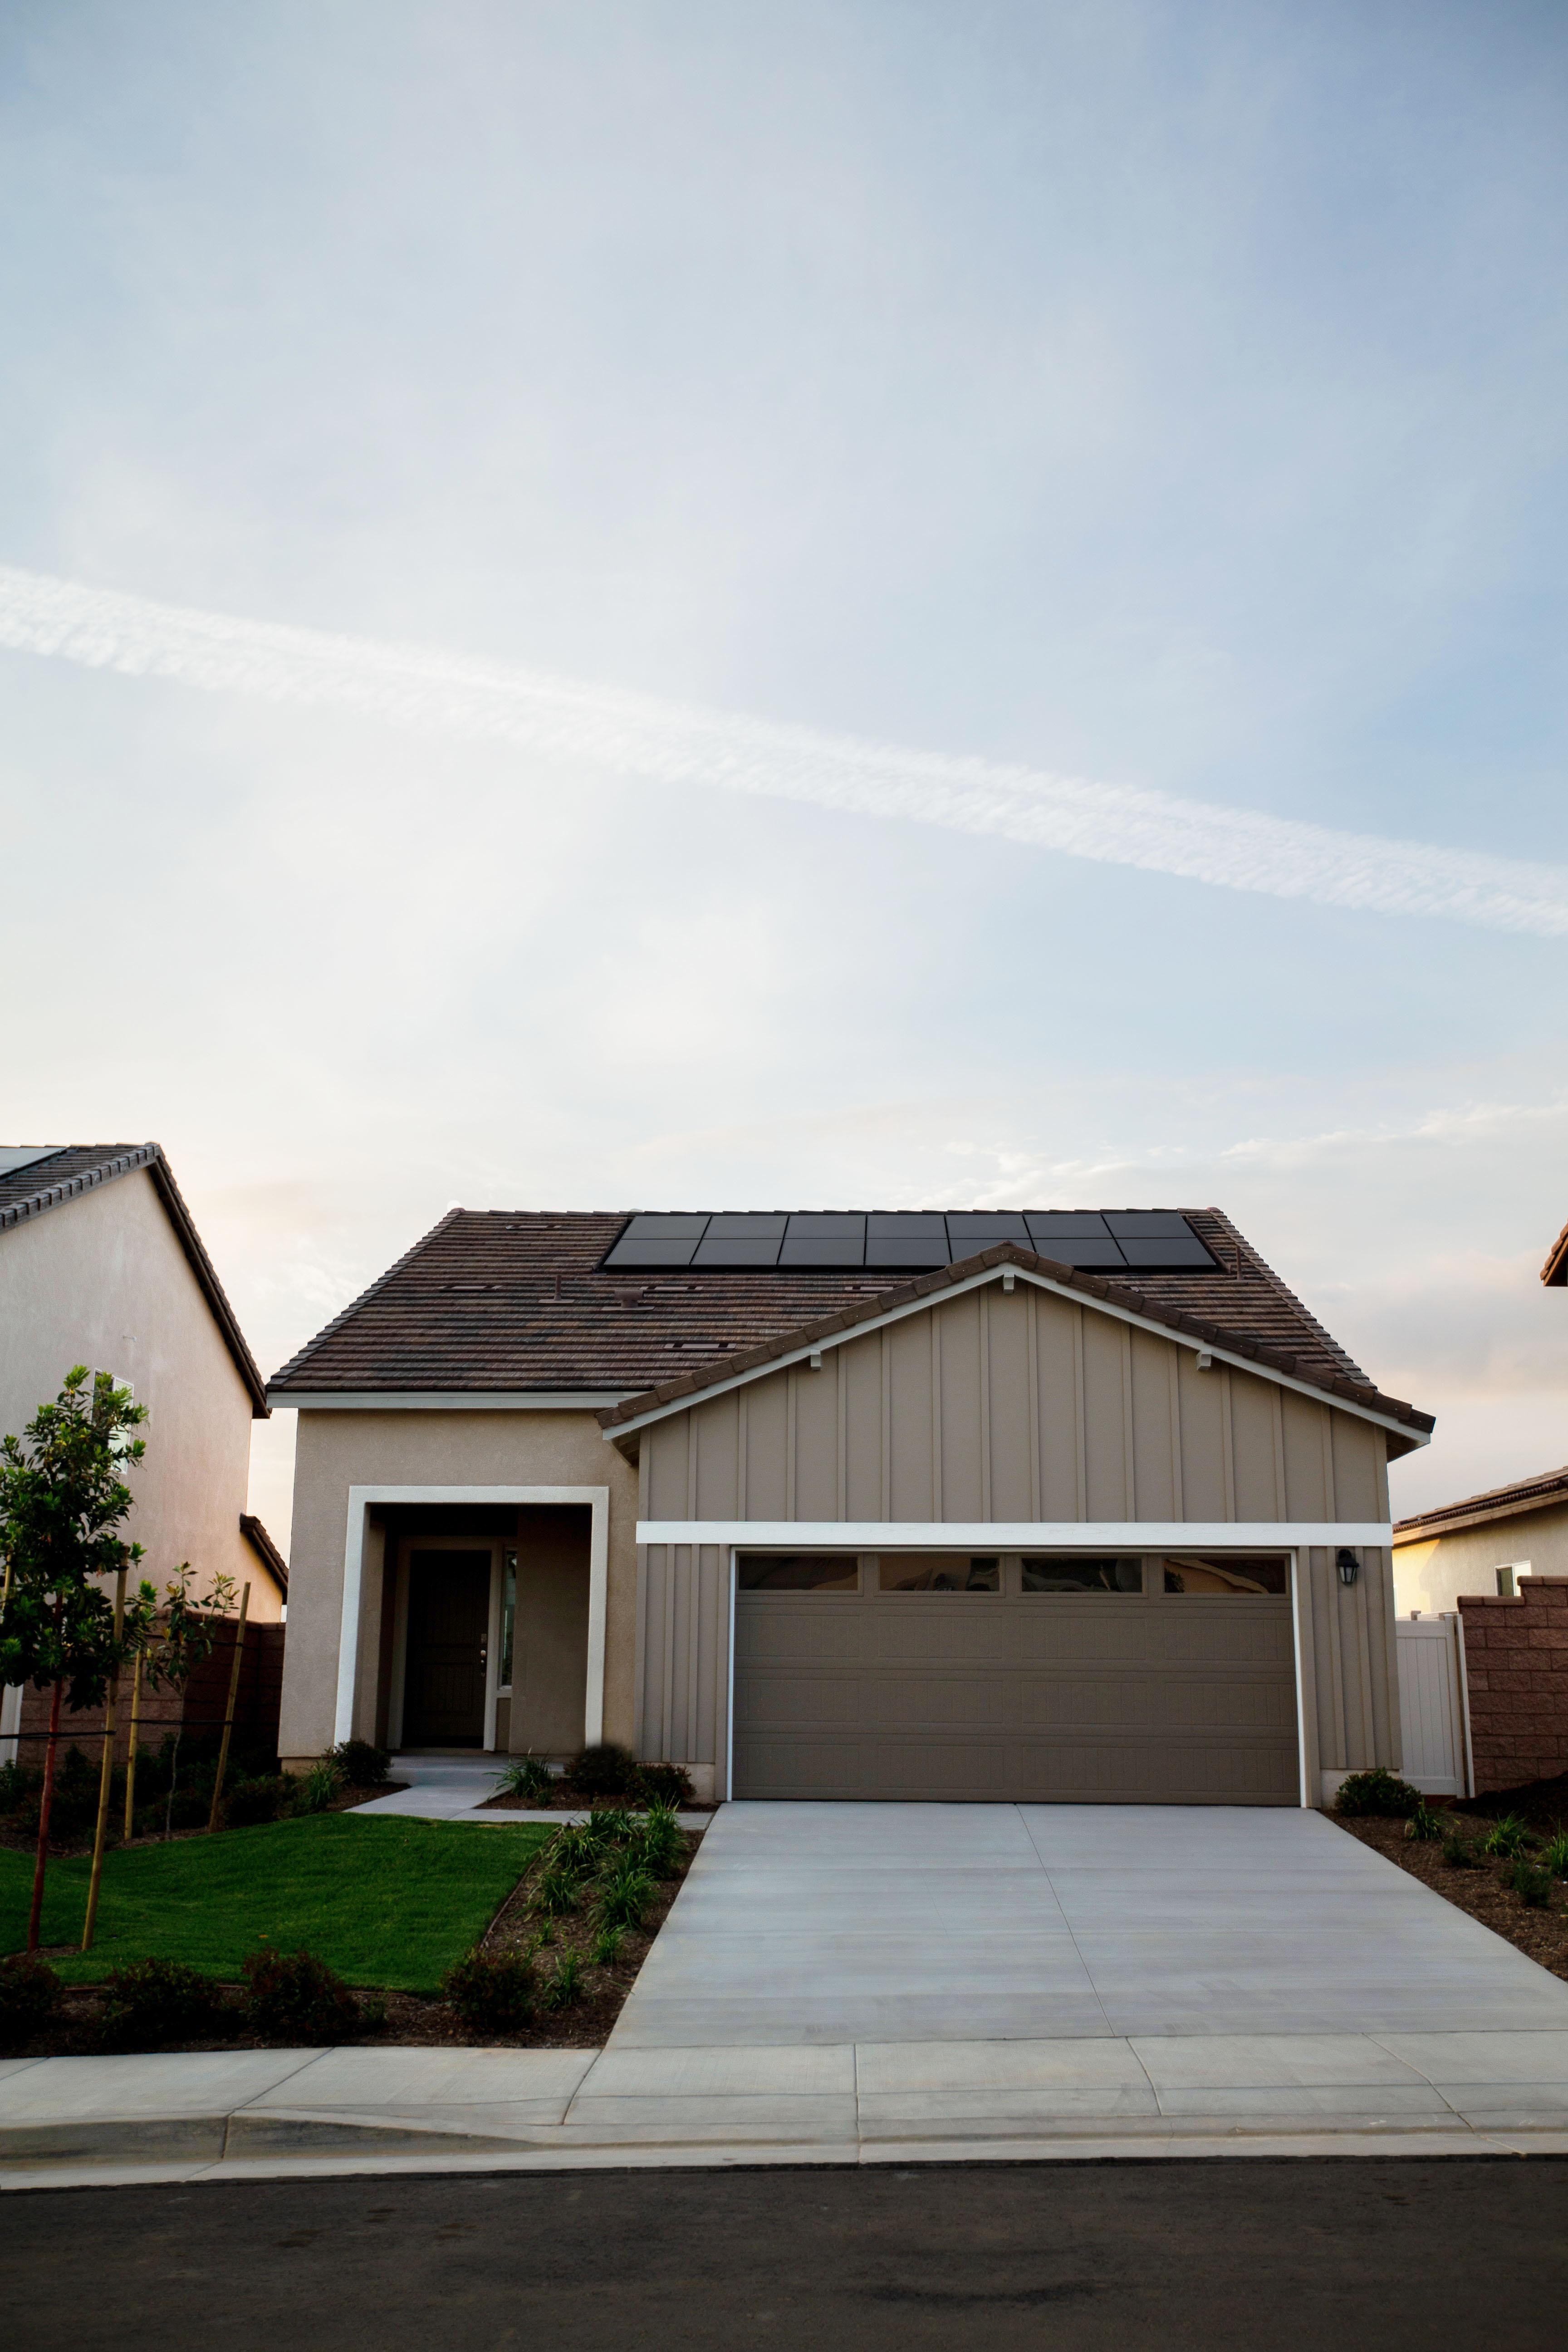 maison avec panneaux photovoltaïque sur le toits